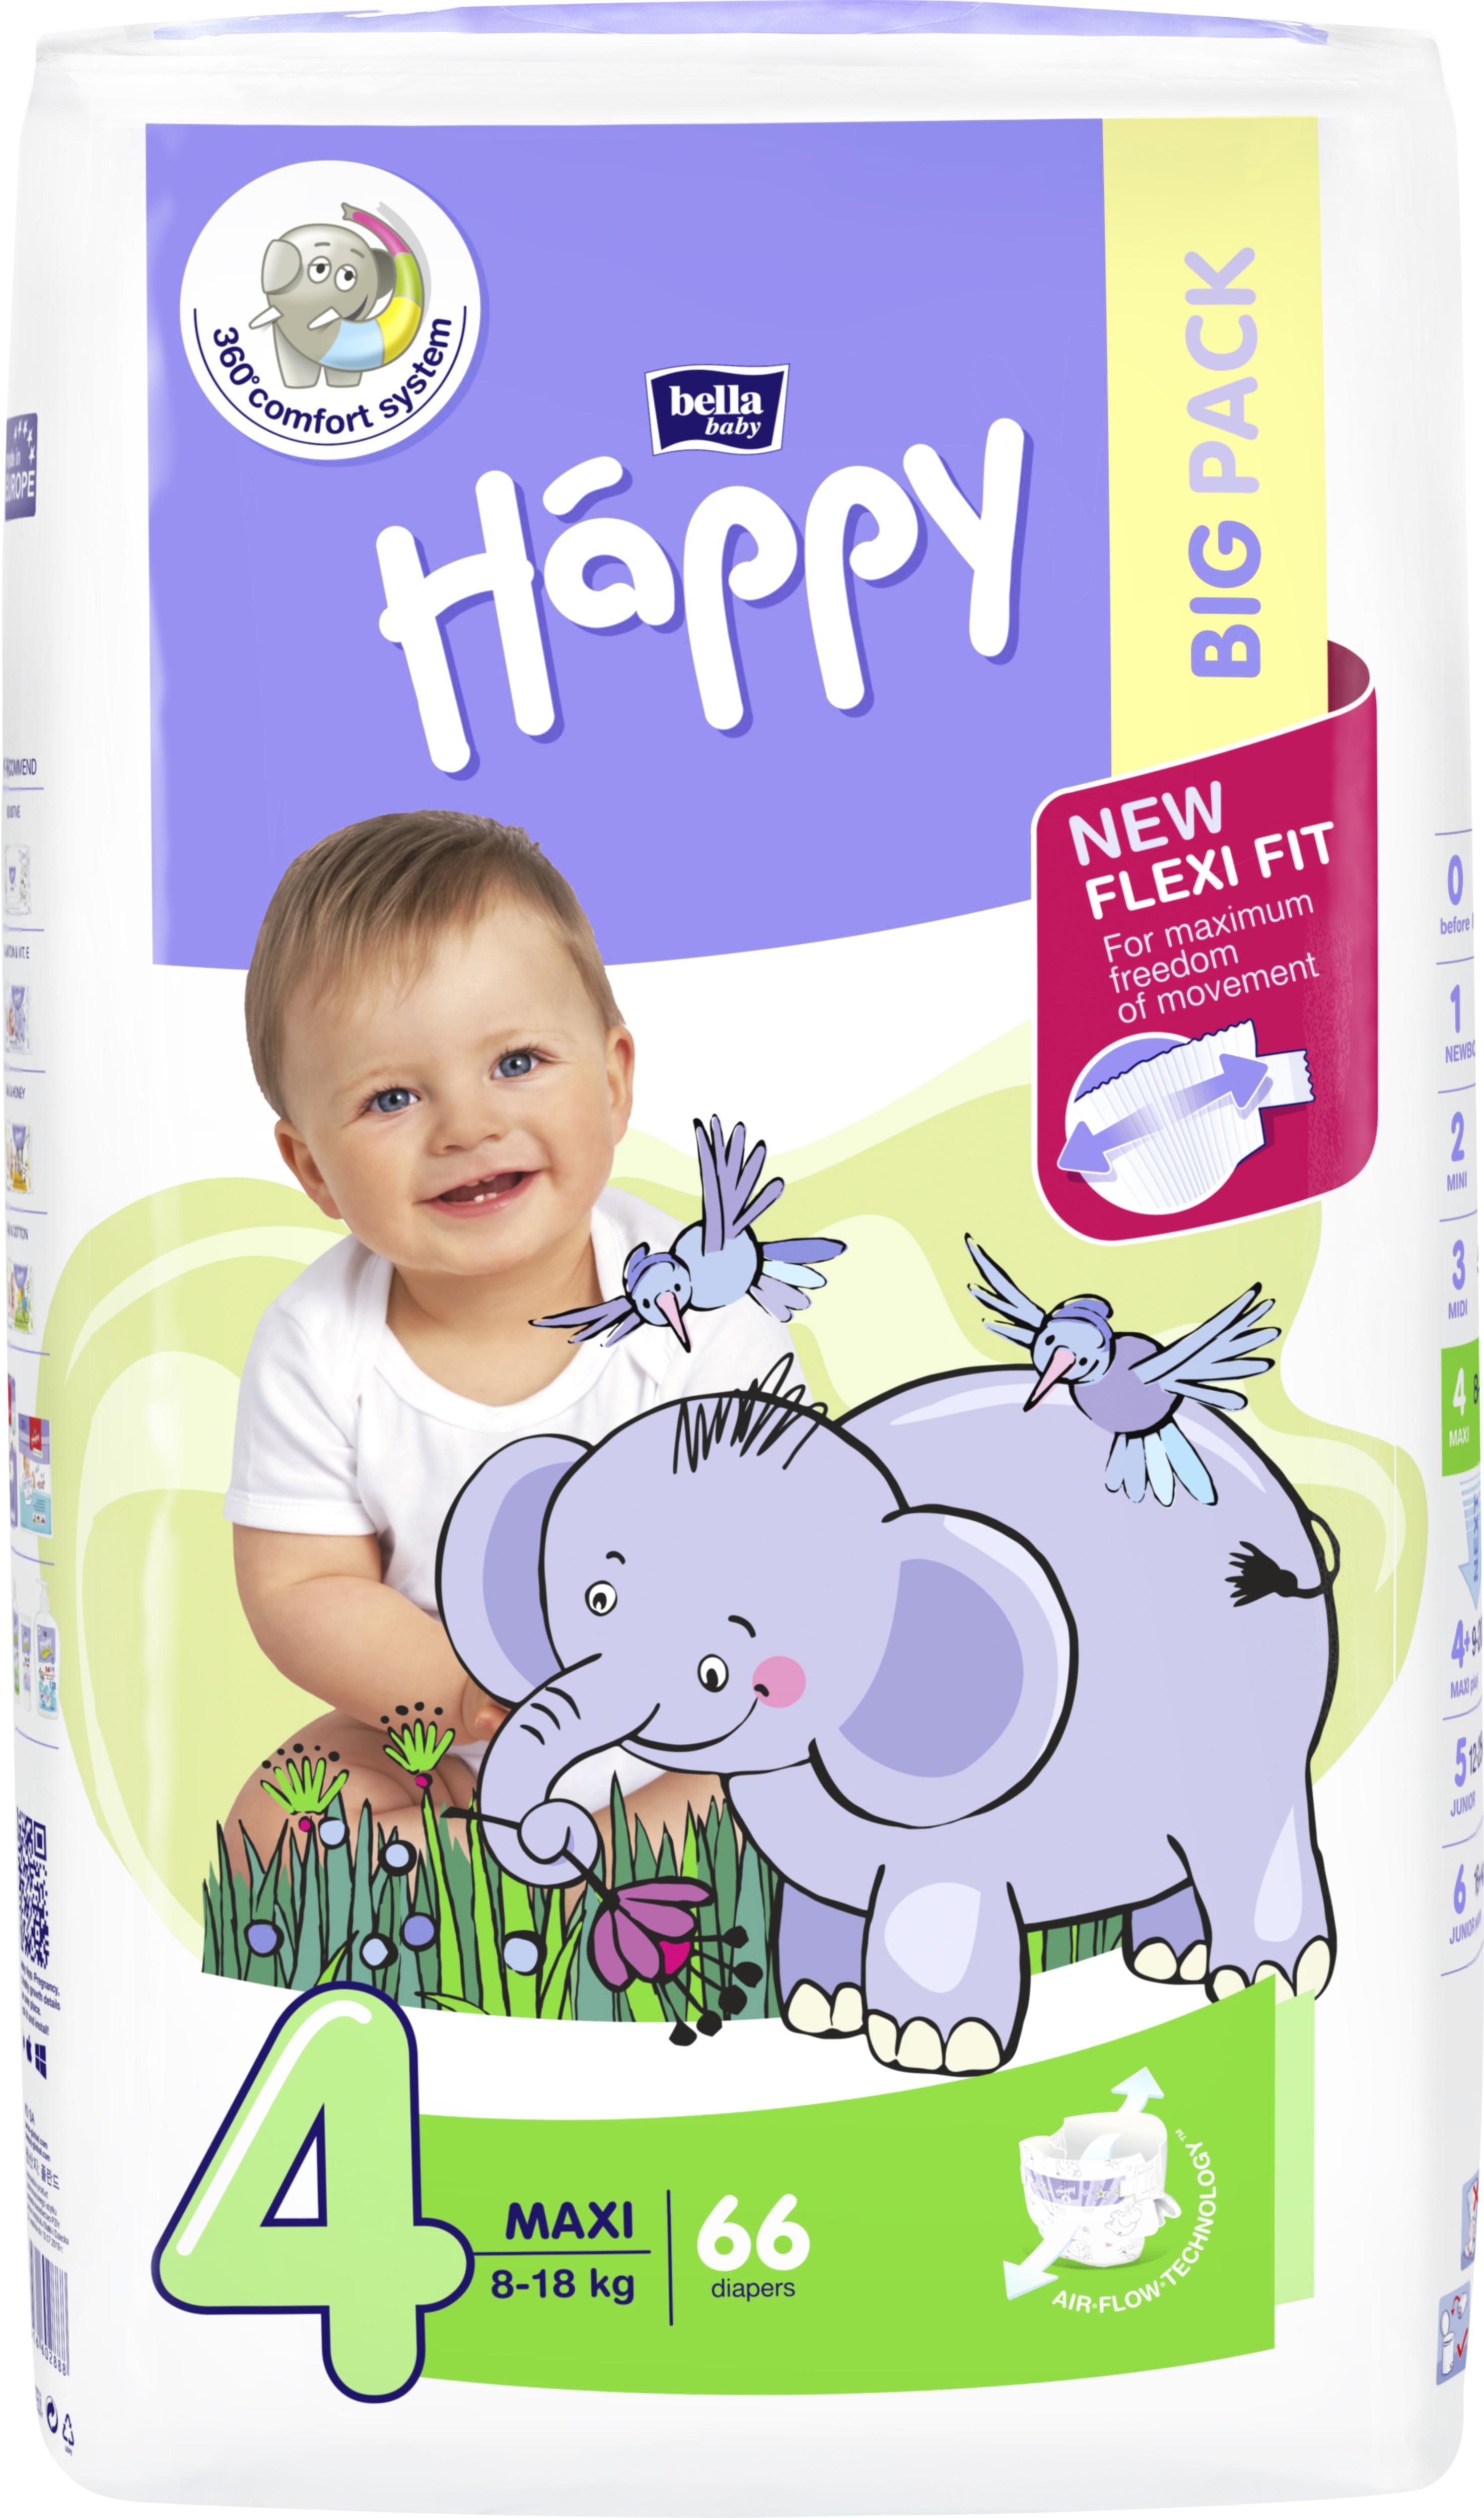 Scutece Happy 4 Big Pack Maxi 8-18 kg 66 buc. [0]